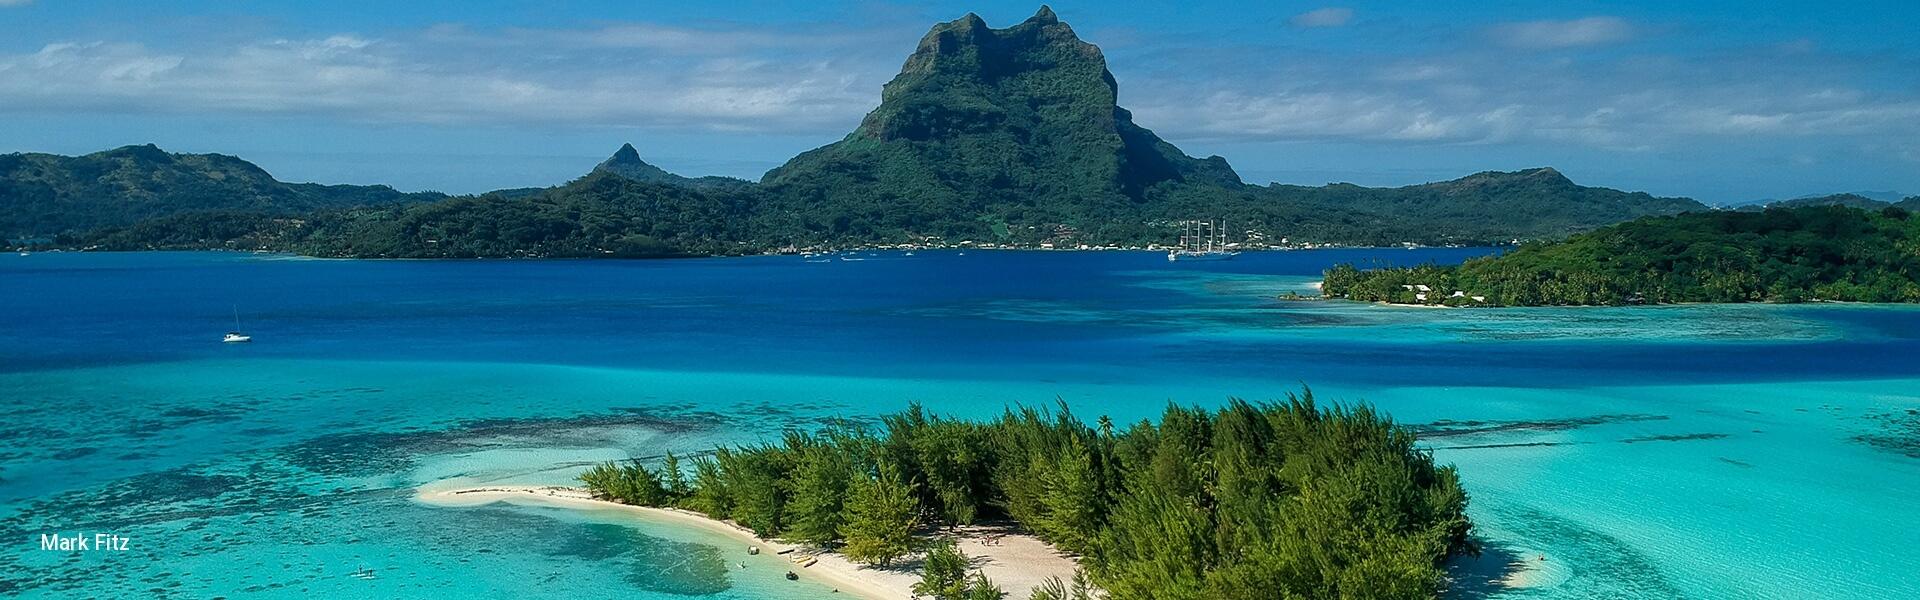 Trip To Bora Bora